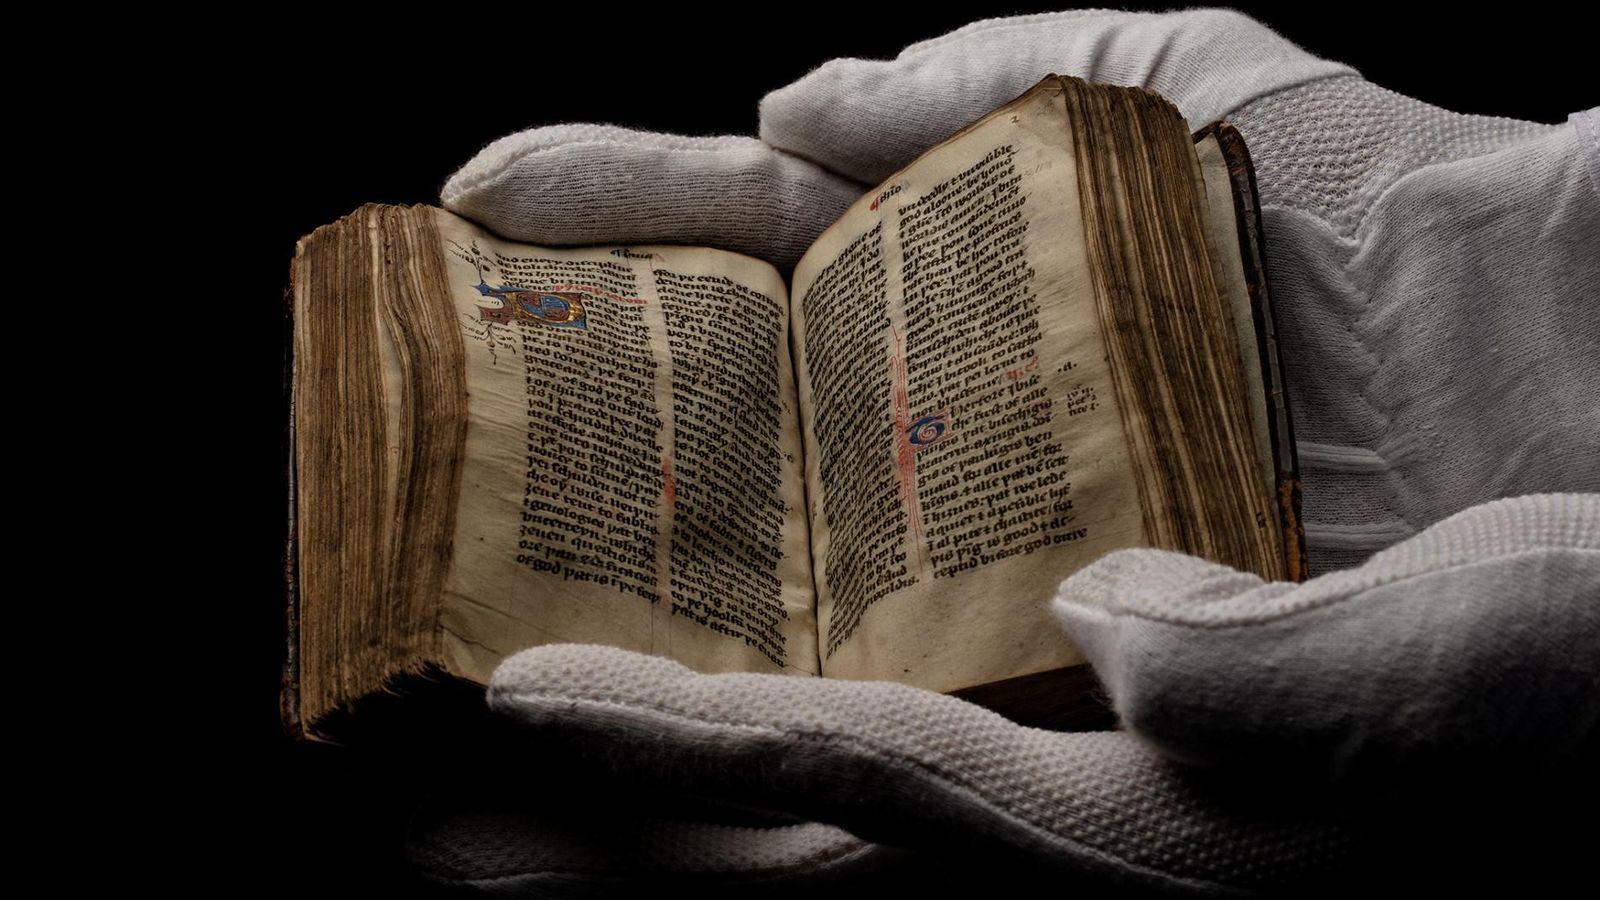 Um exemplar do Novo Testamento de Wycliffe, copiado à mão por volta de 1400, é exposto ...